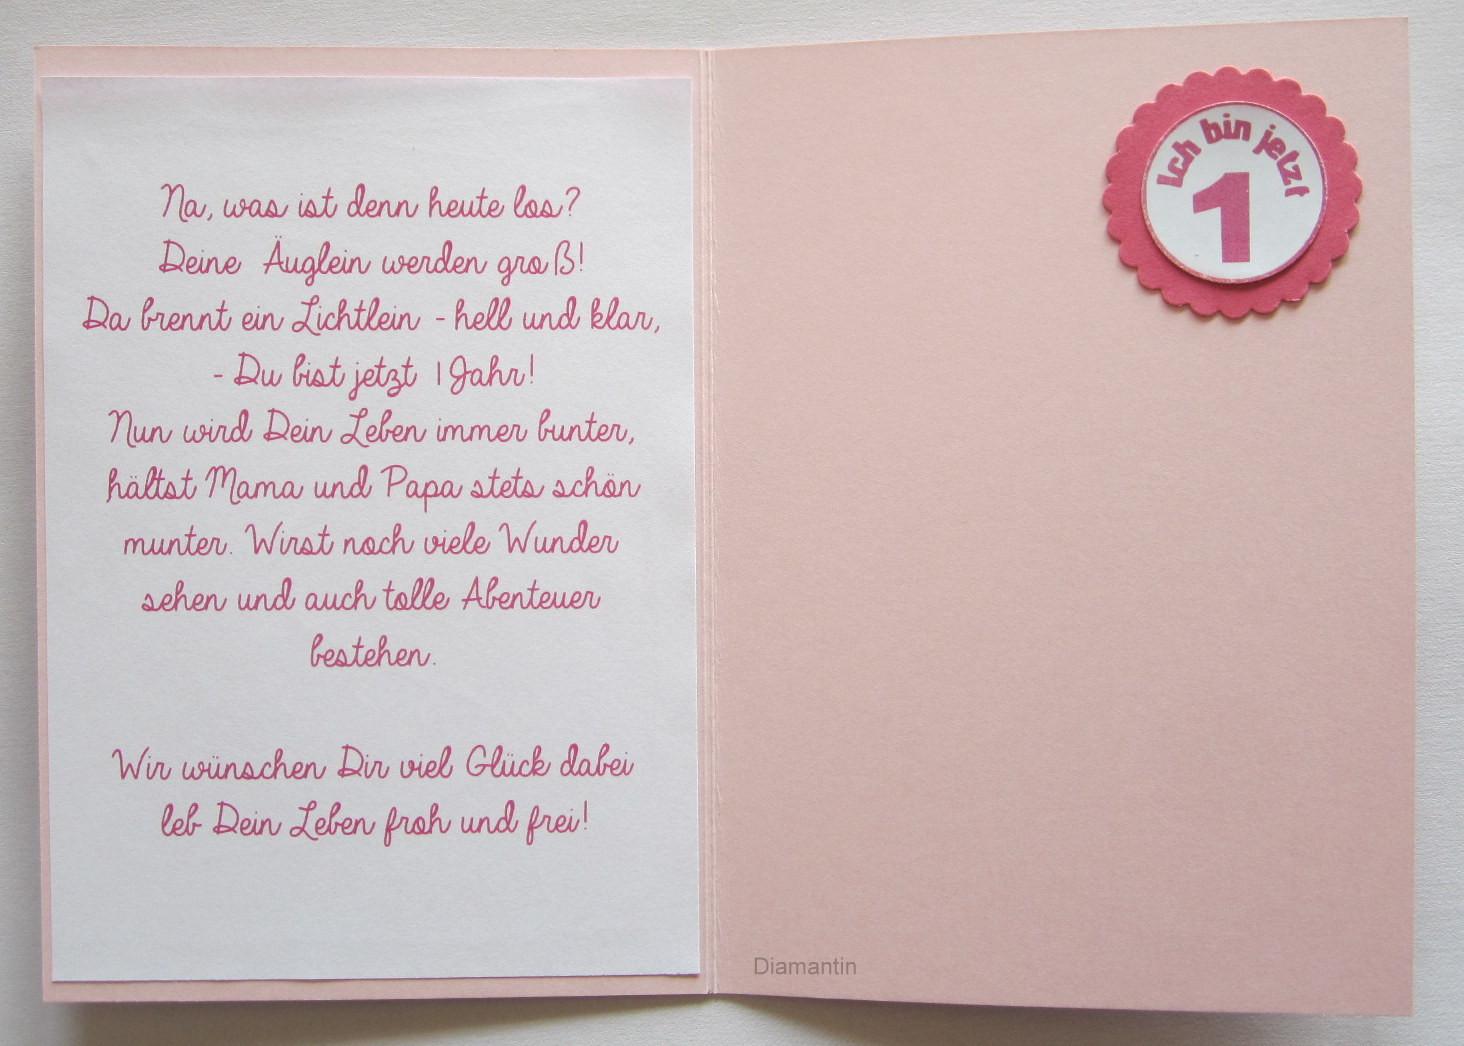 Geburtstagswünsche Zum 1 Geburtstag  Diamantin´s Hobbywelt Zum 1 Geburtstag für Zwillinge